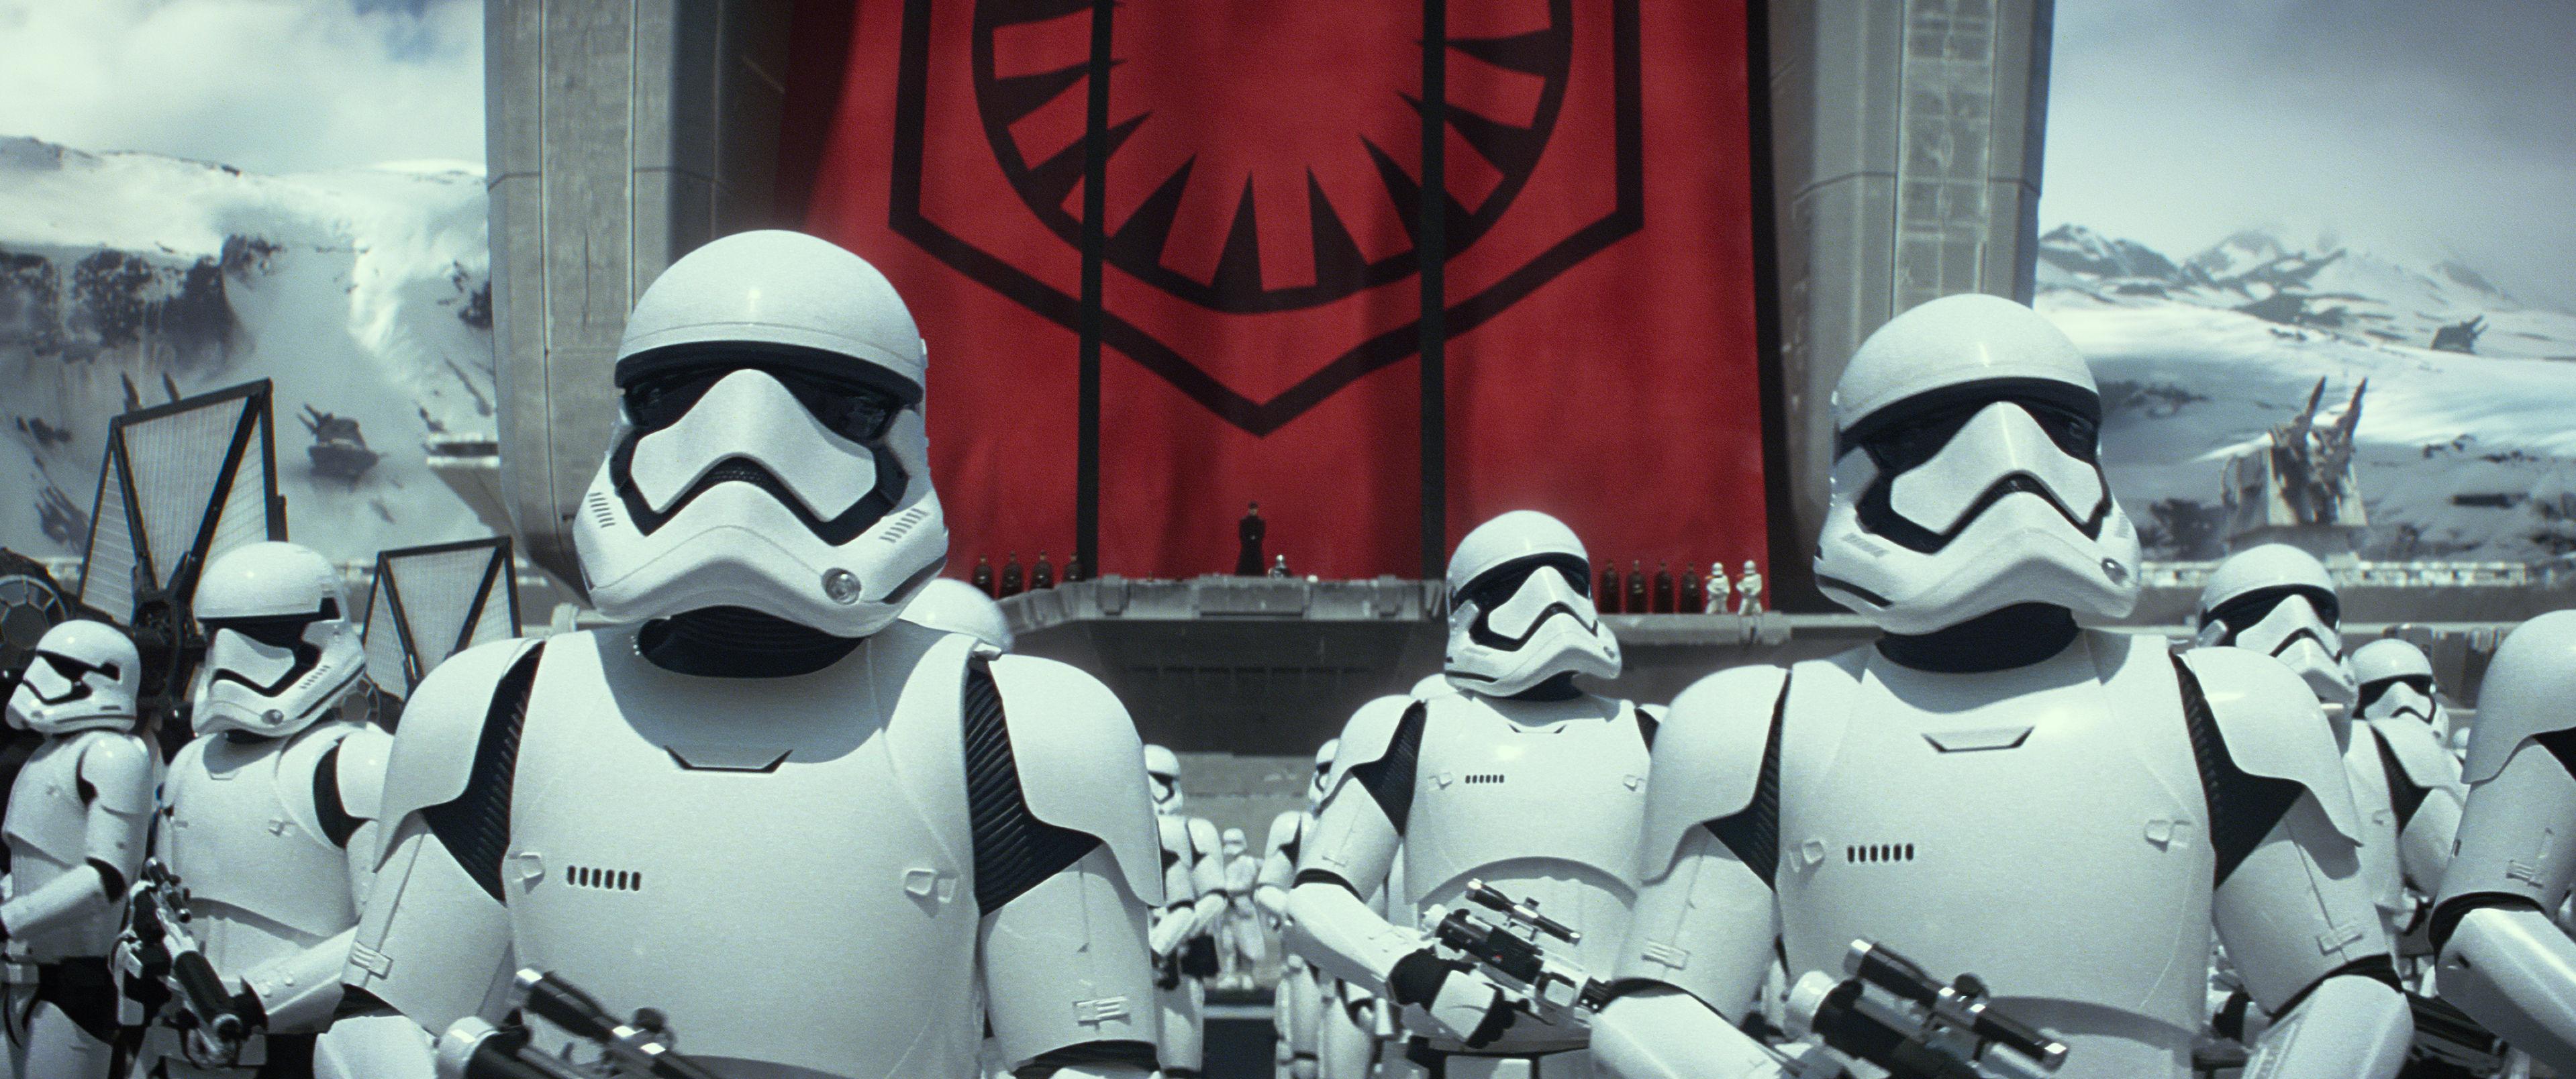 Star-Wars-7-Das-Erwachen-der-Macht-3D-storm-tropper